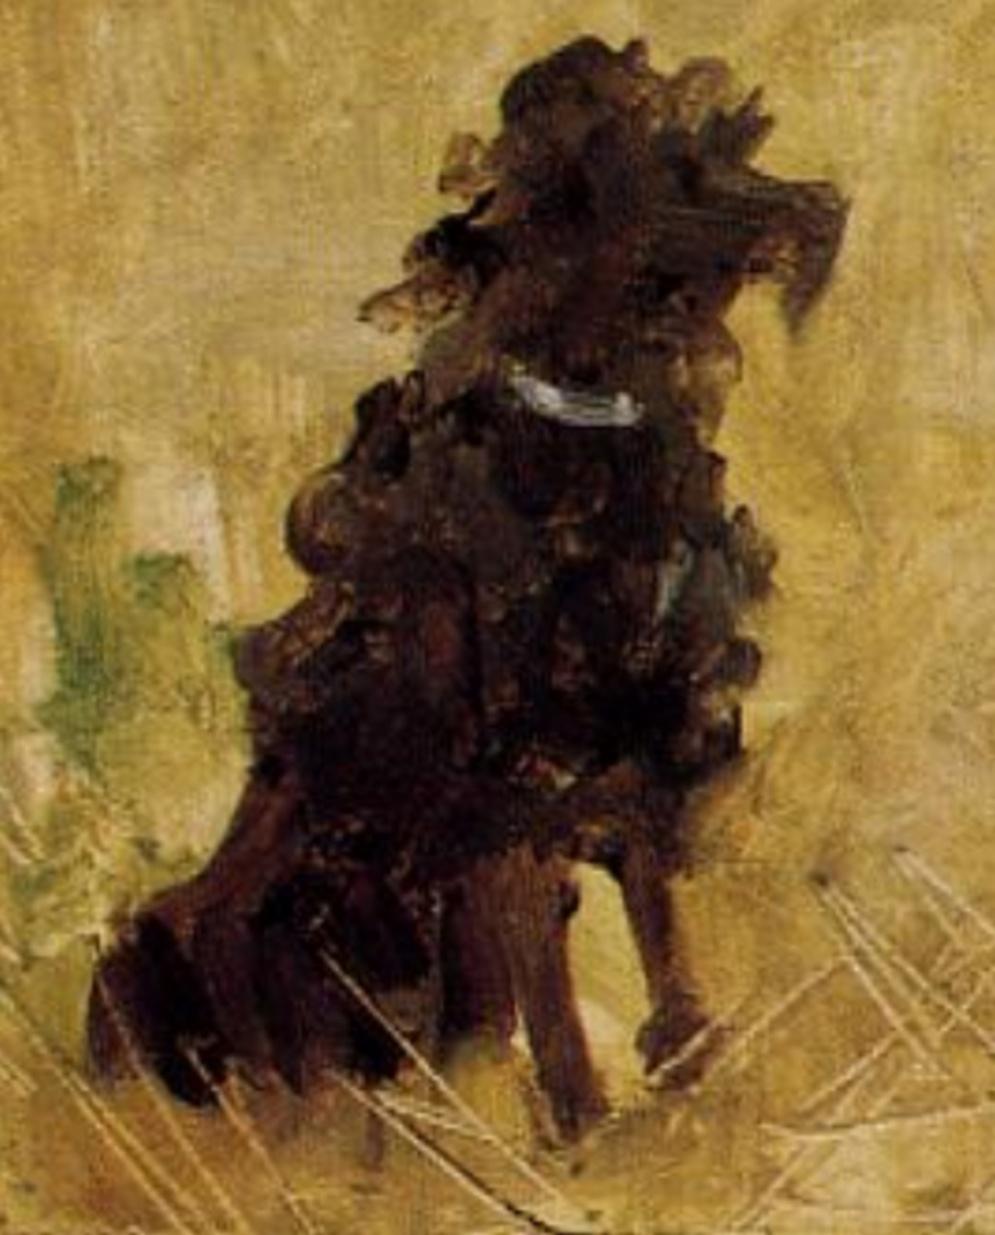 Henri de Toulouse-Lautrec, Party in the Country, 1882, source: Athenaeum (detail)